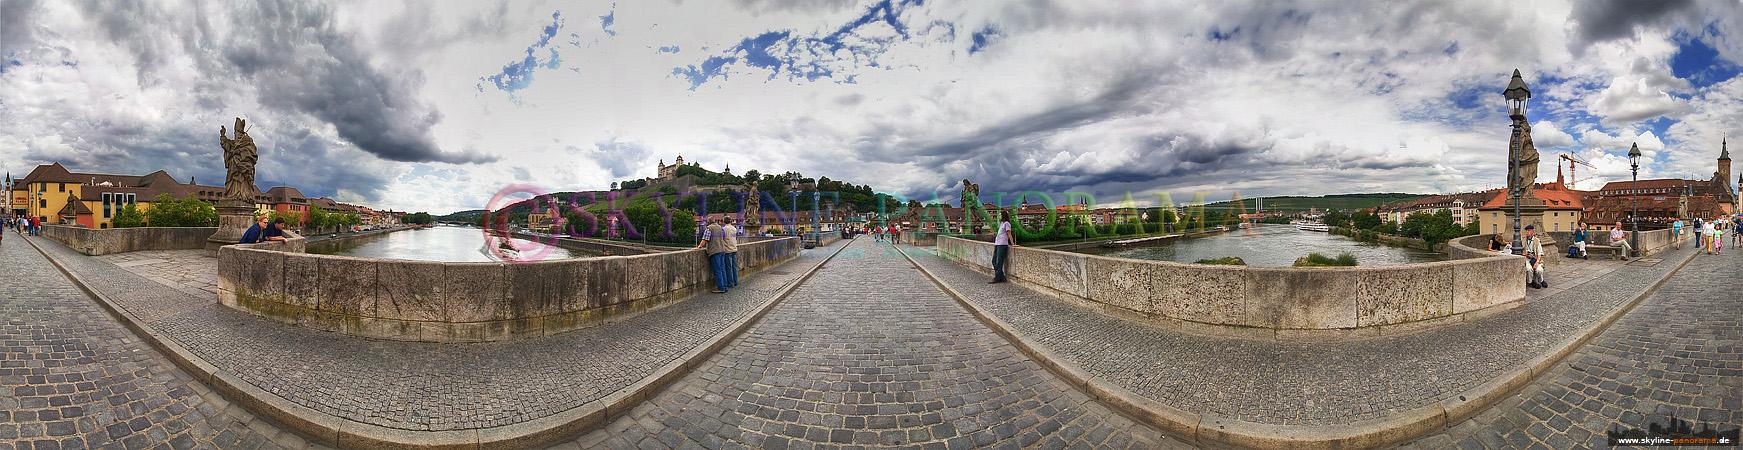 Panorama Würzburg - Die Alte Mainbrücke als 360 Grad Panorama am Tag fotografiert.